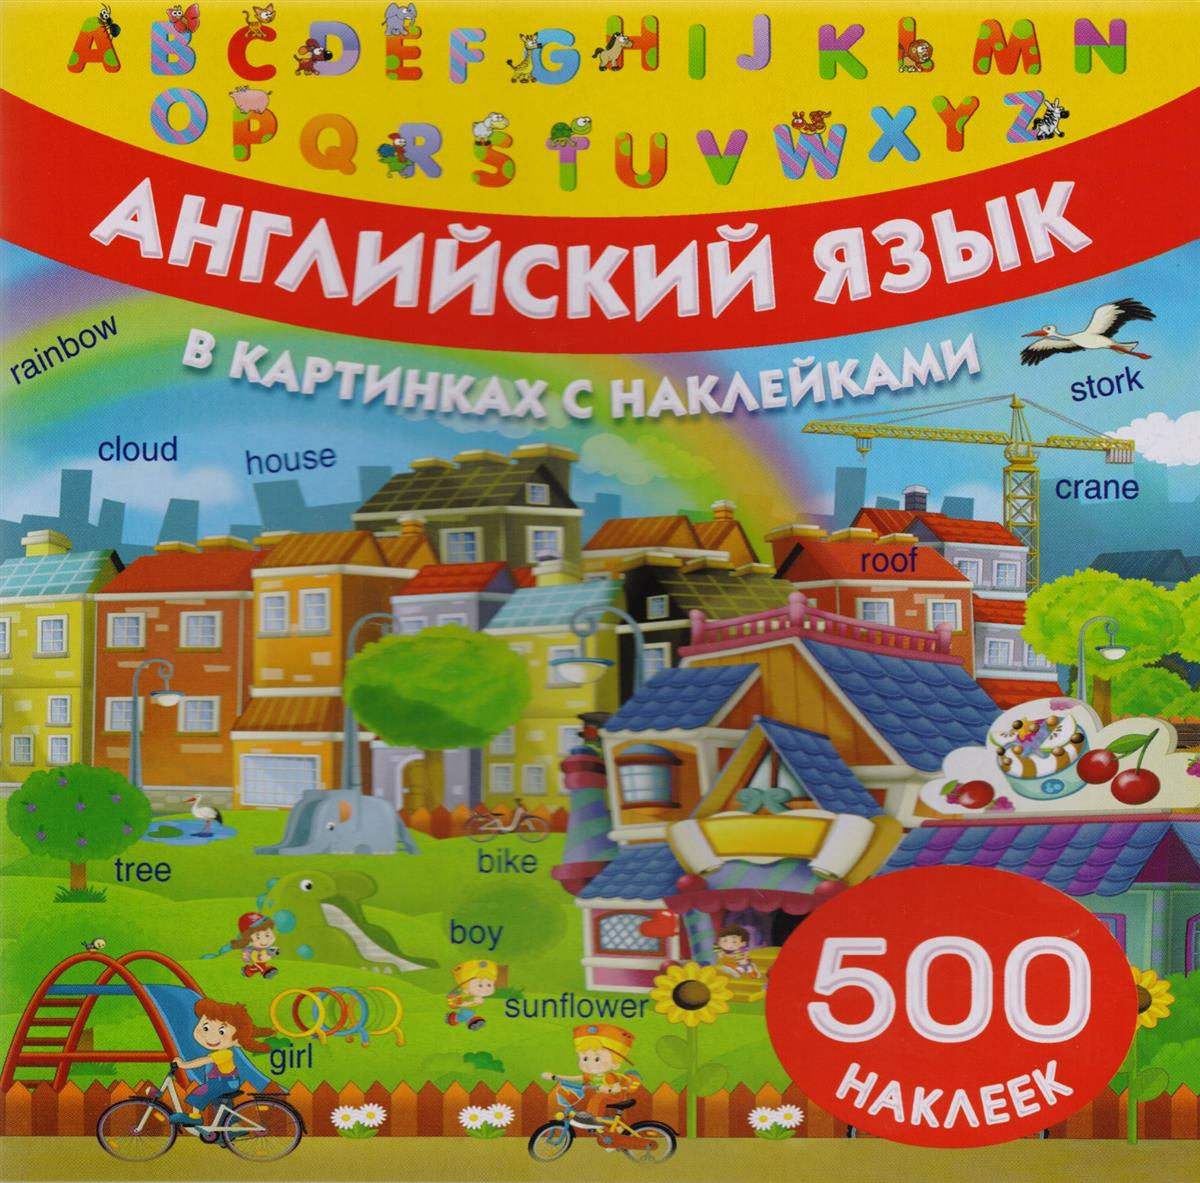 Глотова В. (худ.) Английский язык в картинках с наклейками. 500 наклеек ISBN: 9785171050337 глотова в худ азбука набор карточек